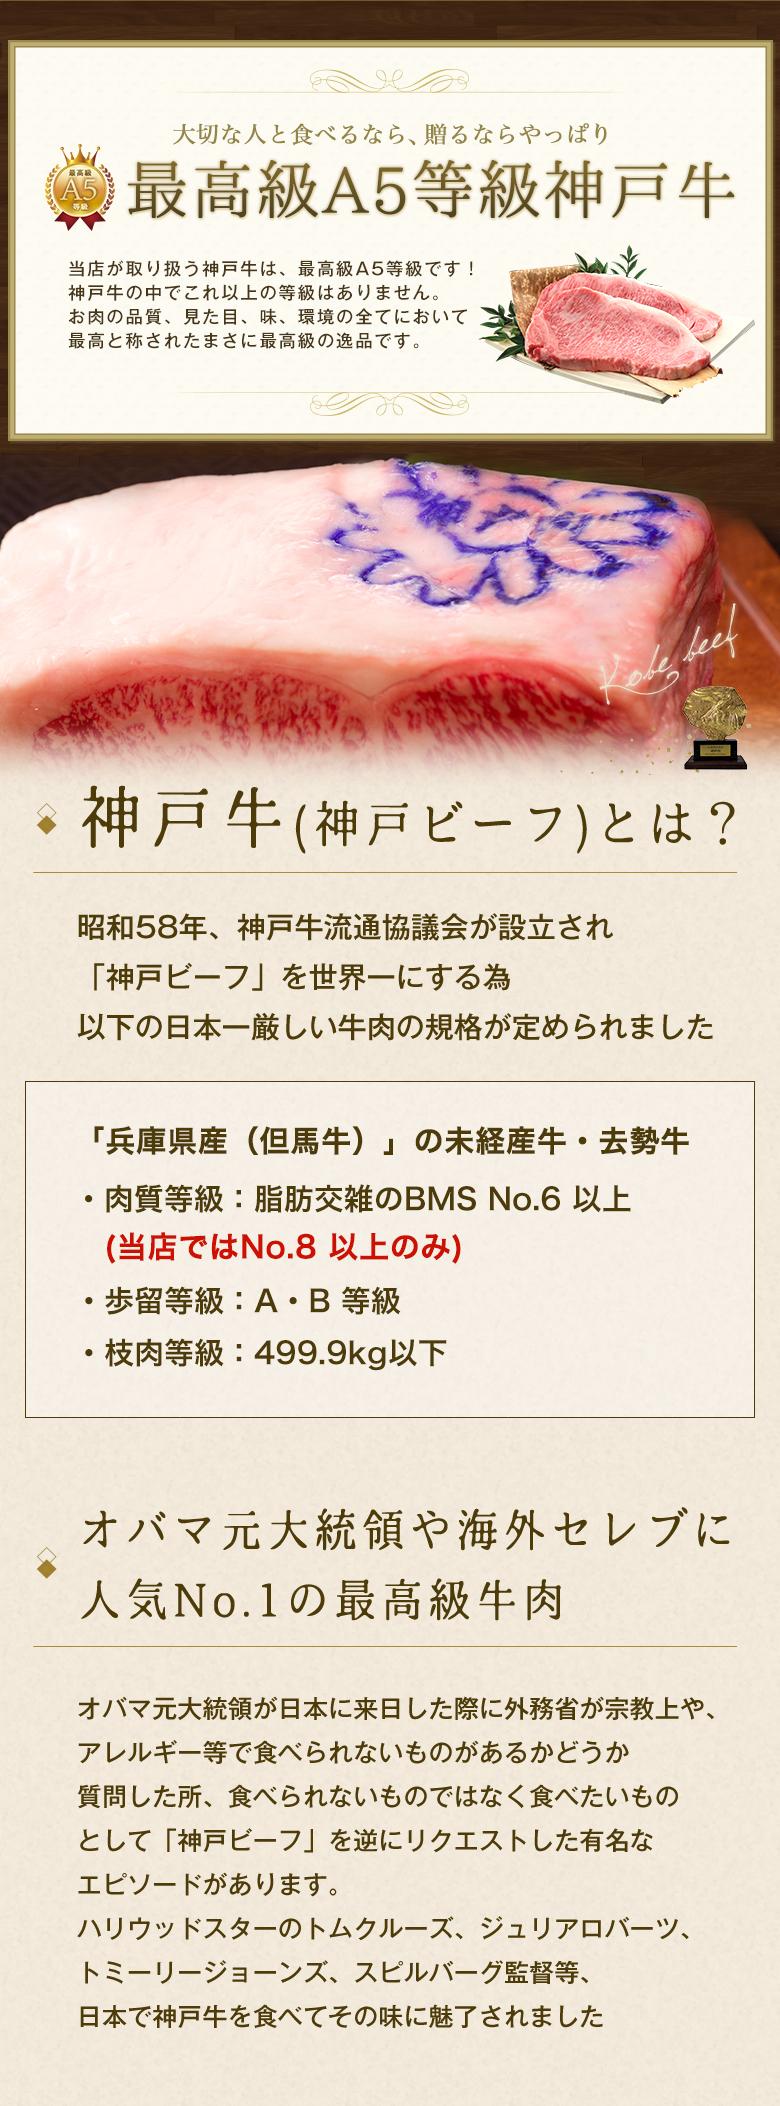 最高級A5等級神戸牛